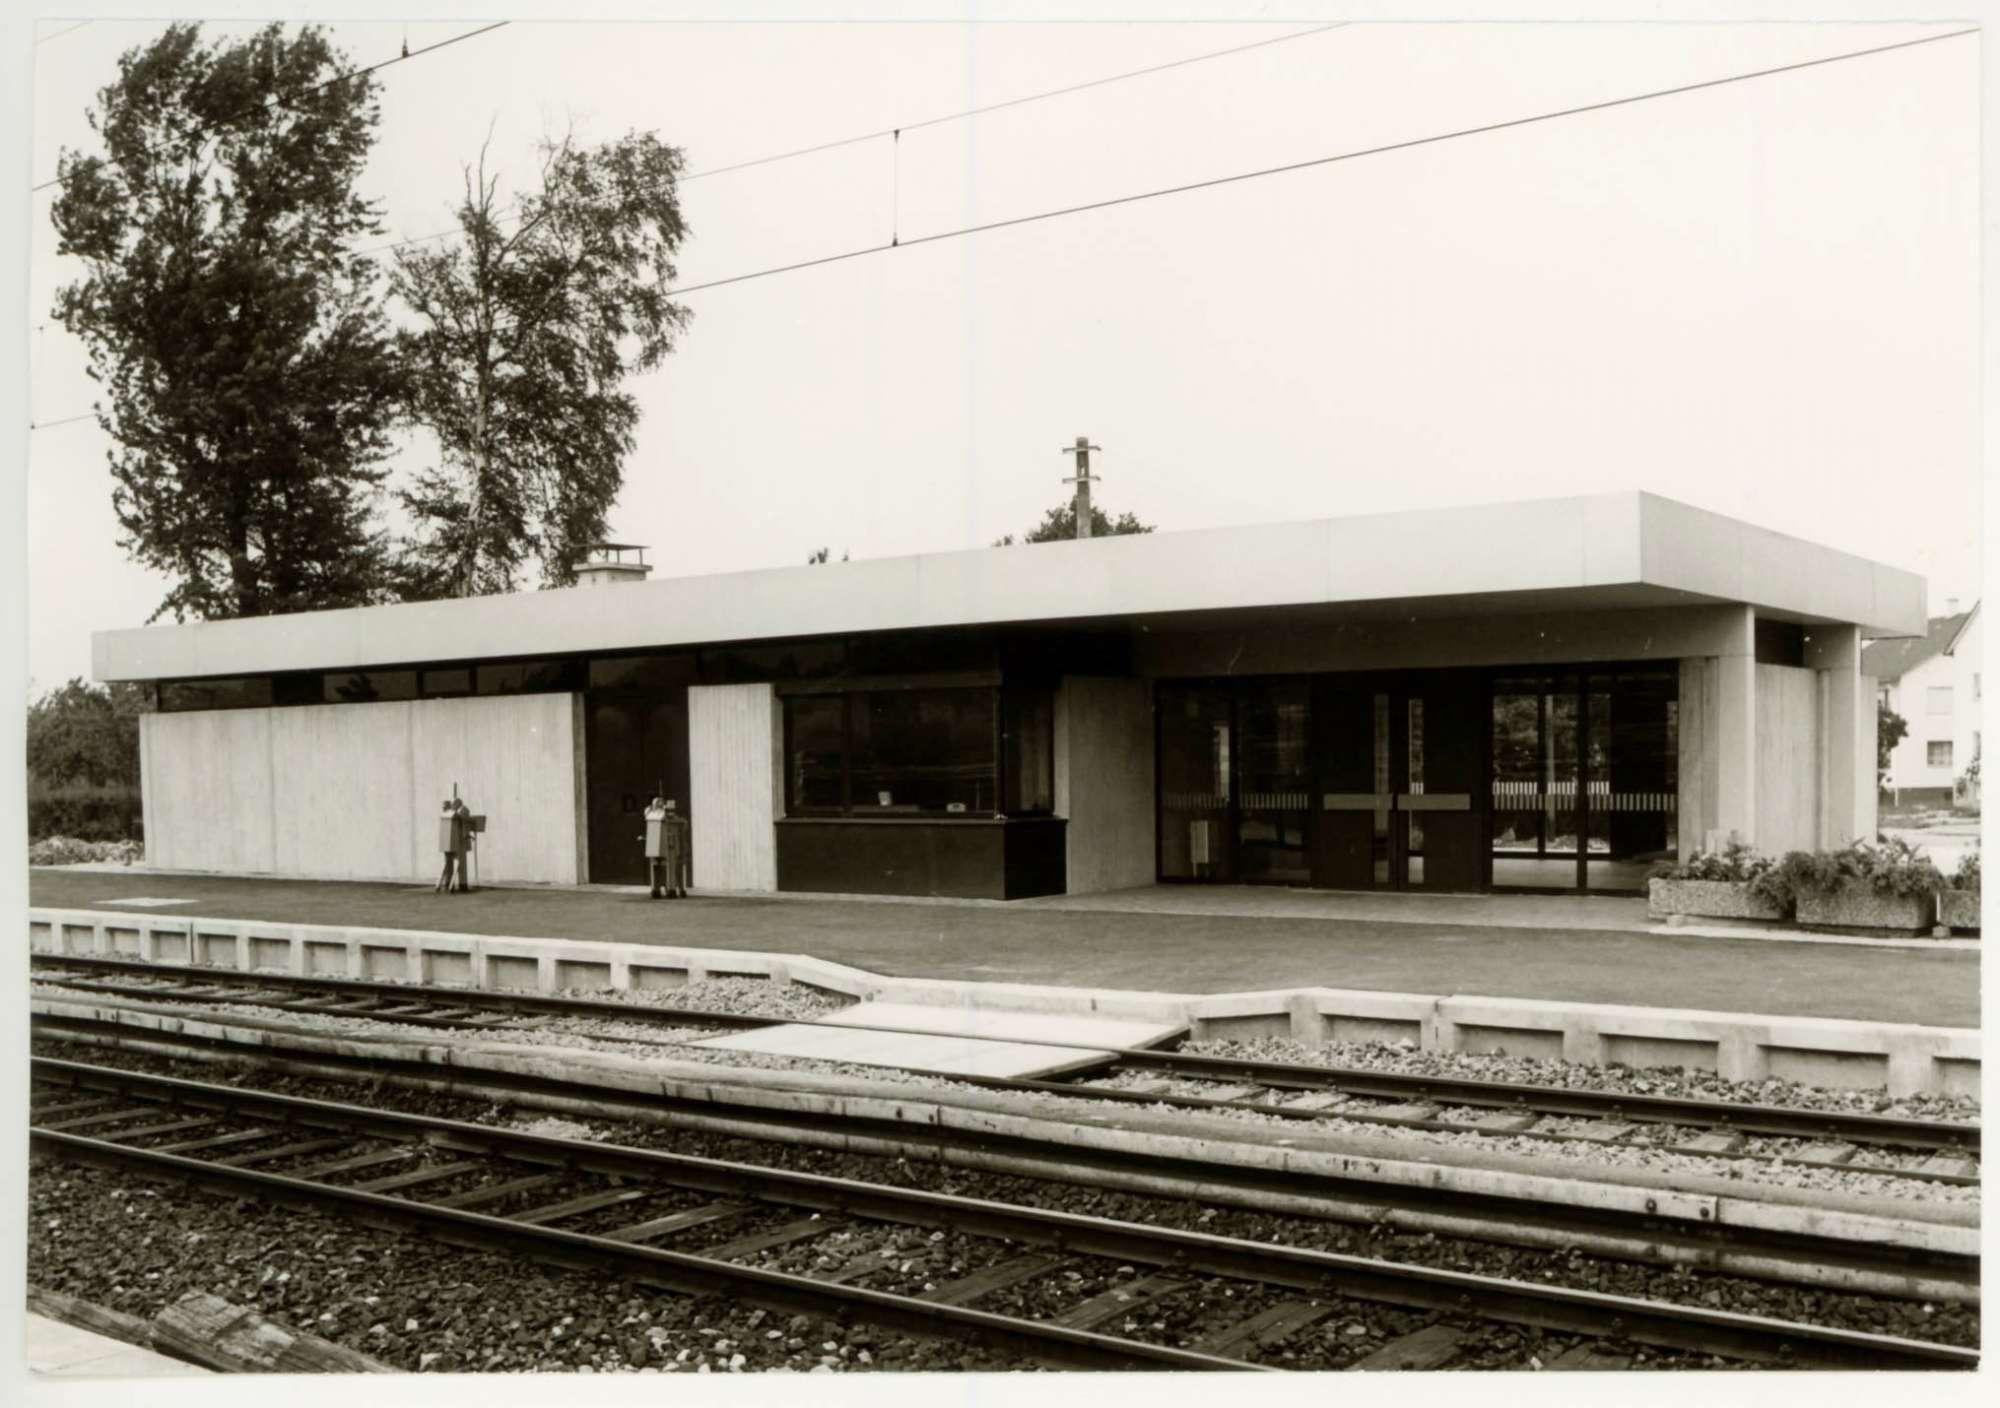 Westhausen: 3 Fotos, Bild 1